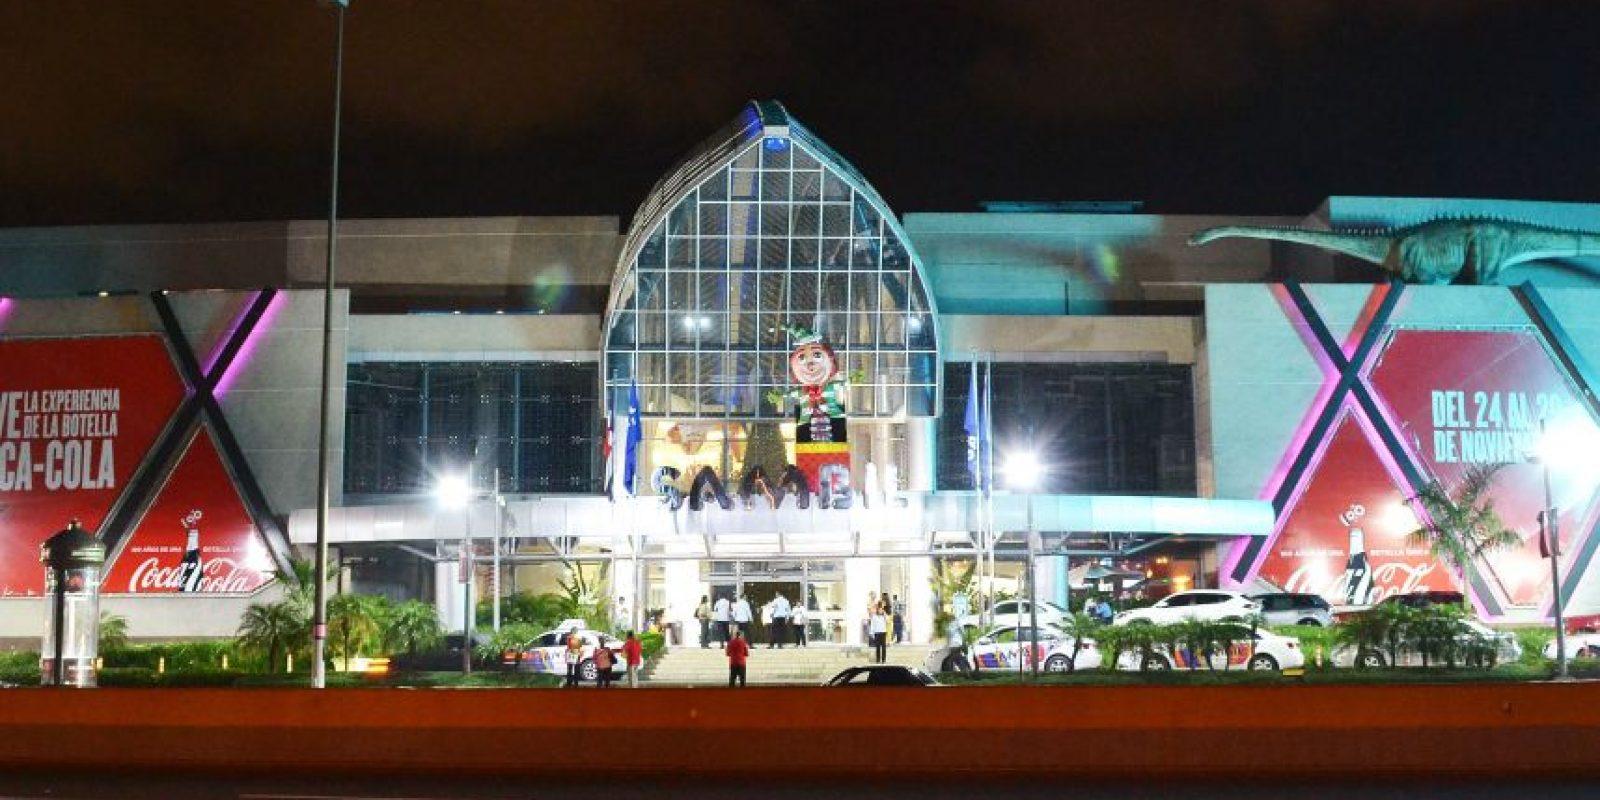 Luces, Santas y mucho color en tiendas y plazas comerciales, como esta fachada de Sambil. / fotos: mario de peña Foto:Mario De Peña